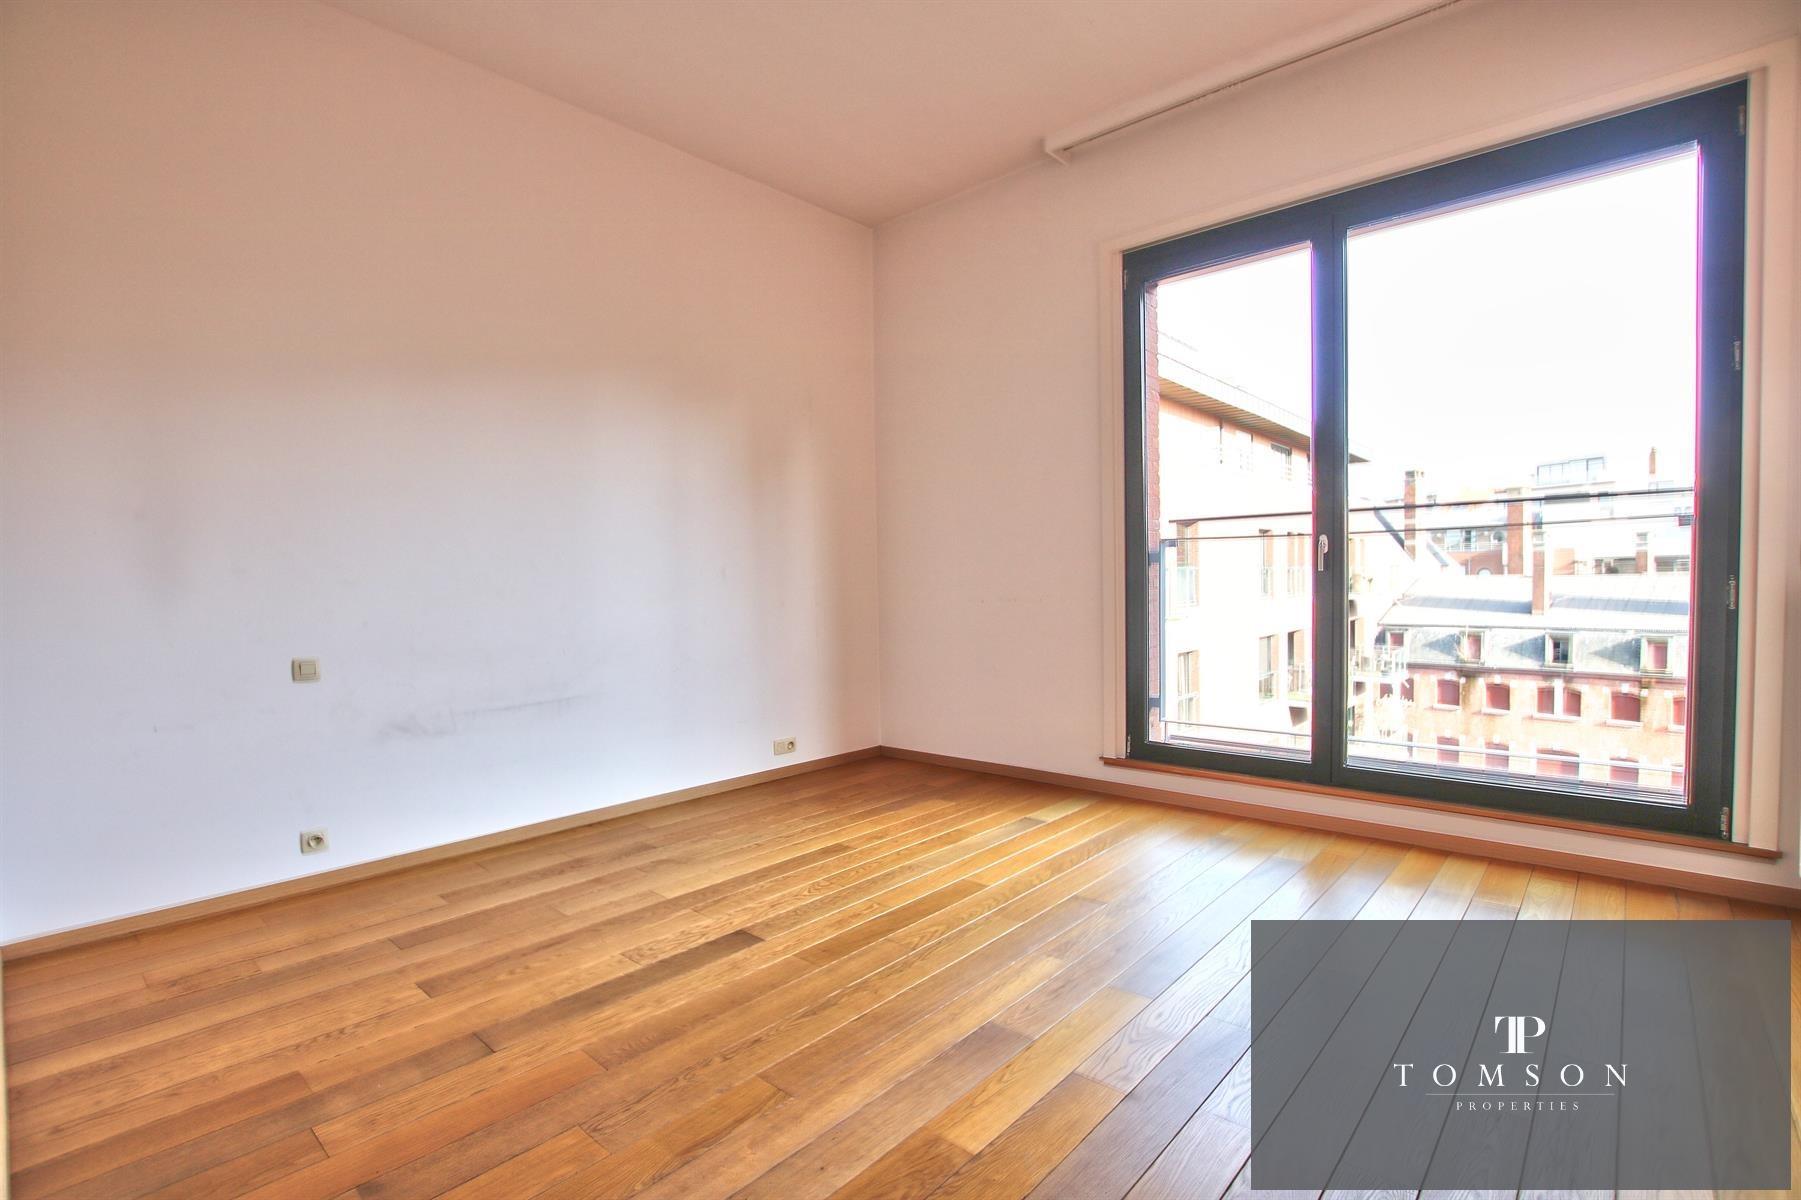 Appartement exceptionnel - Bruxelles - #4533636-14